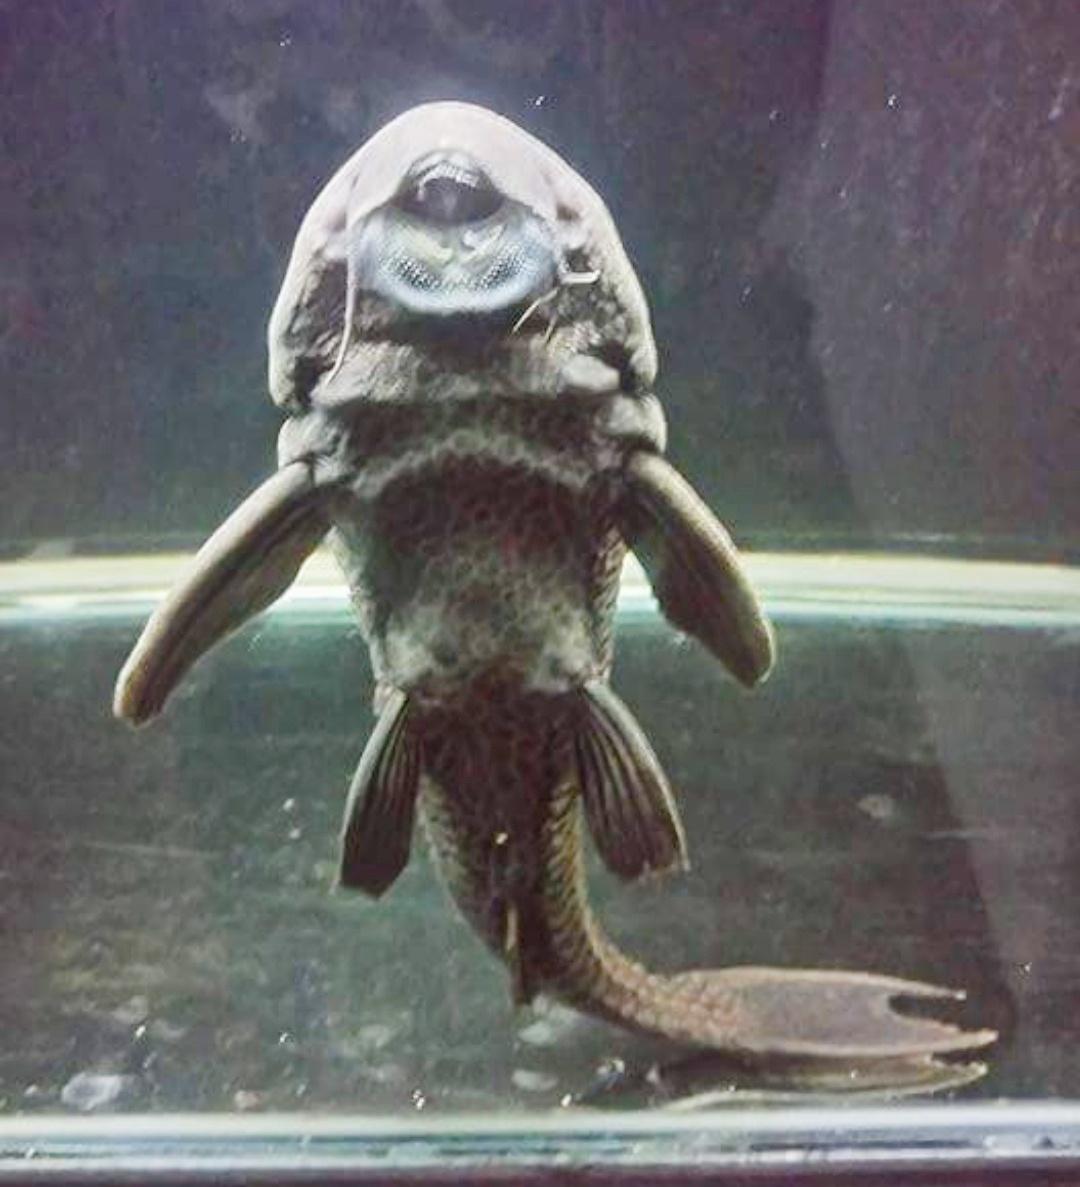 7 Cara Membersihkan Kaca Aquarium Yang Berkerak Paling Ampuh Hobinatang